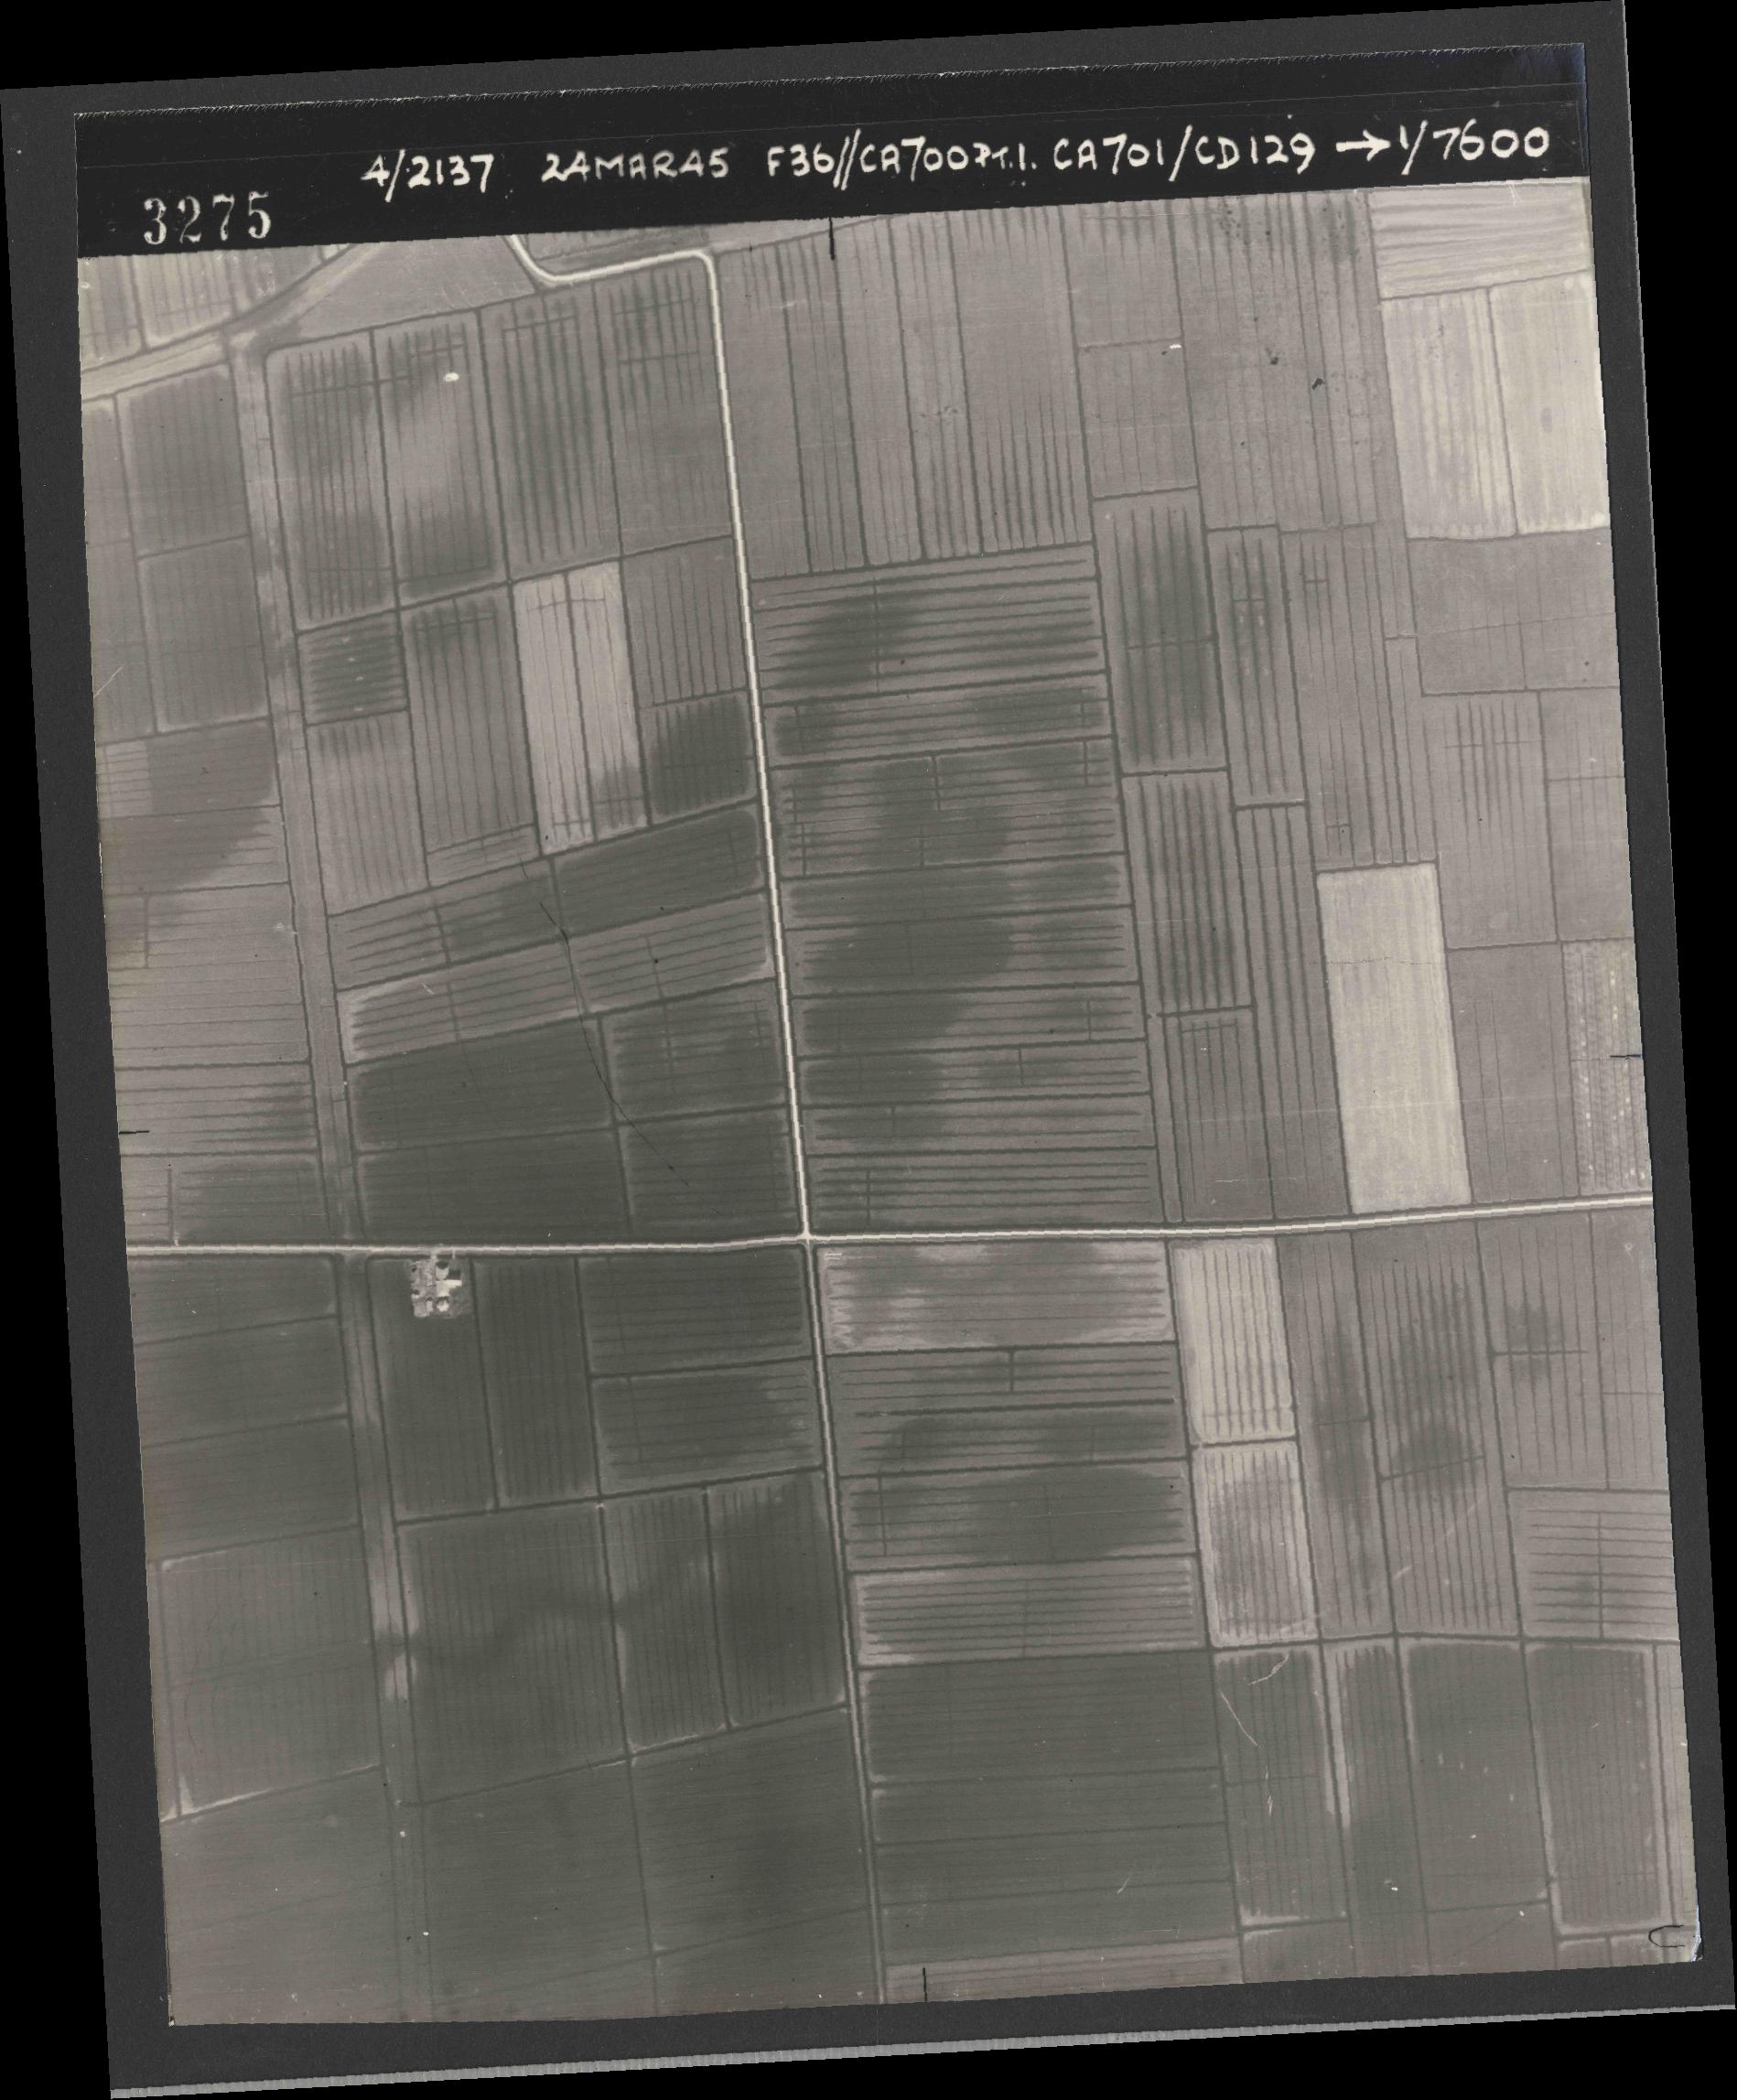 Collection RAF aerial photos 1940-1945 - flight 054, run 09, photo 3275